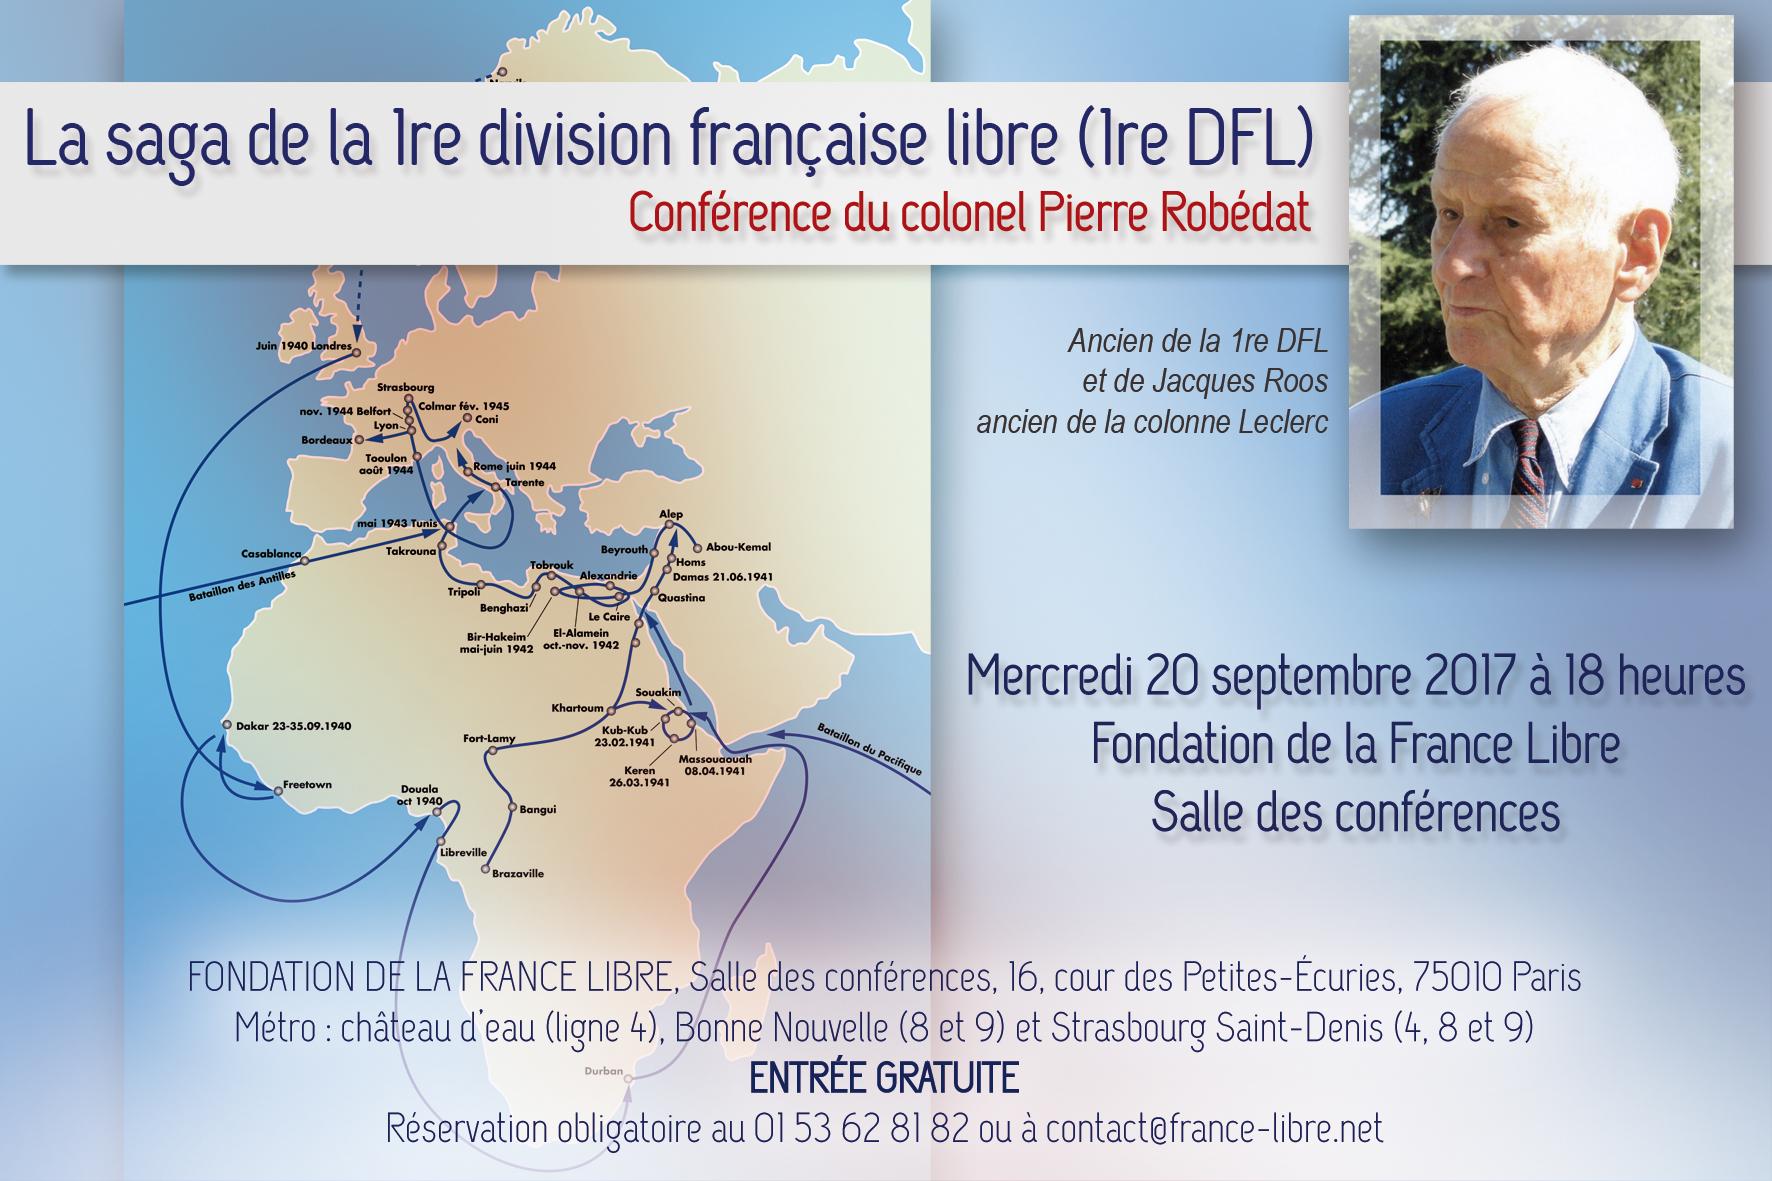 La saga de la Première division française libre (conférence)